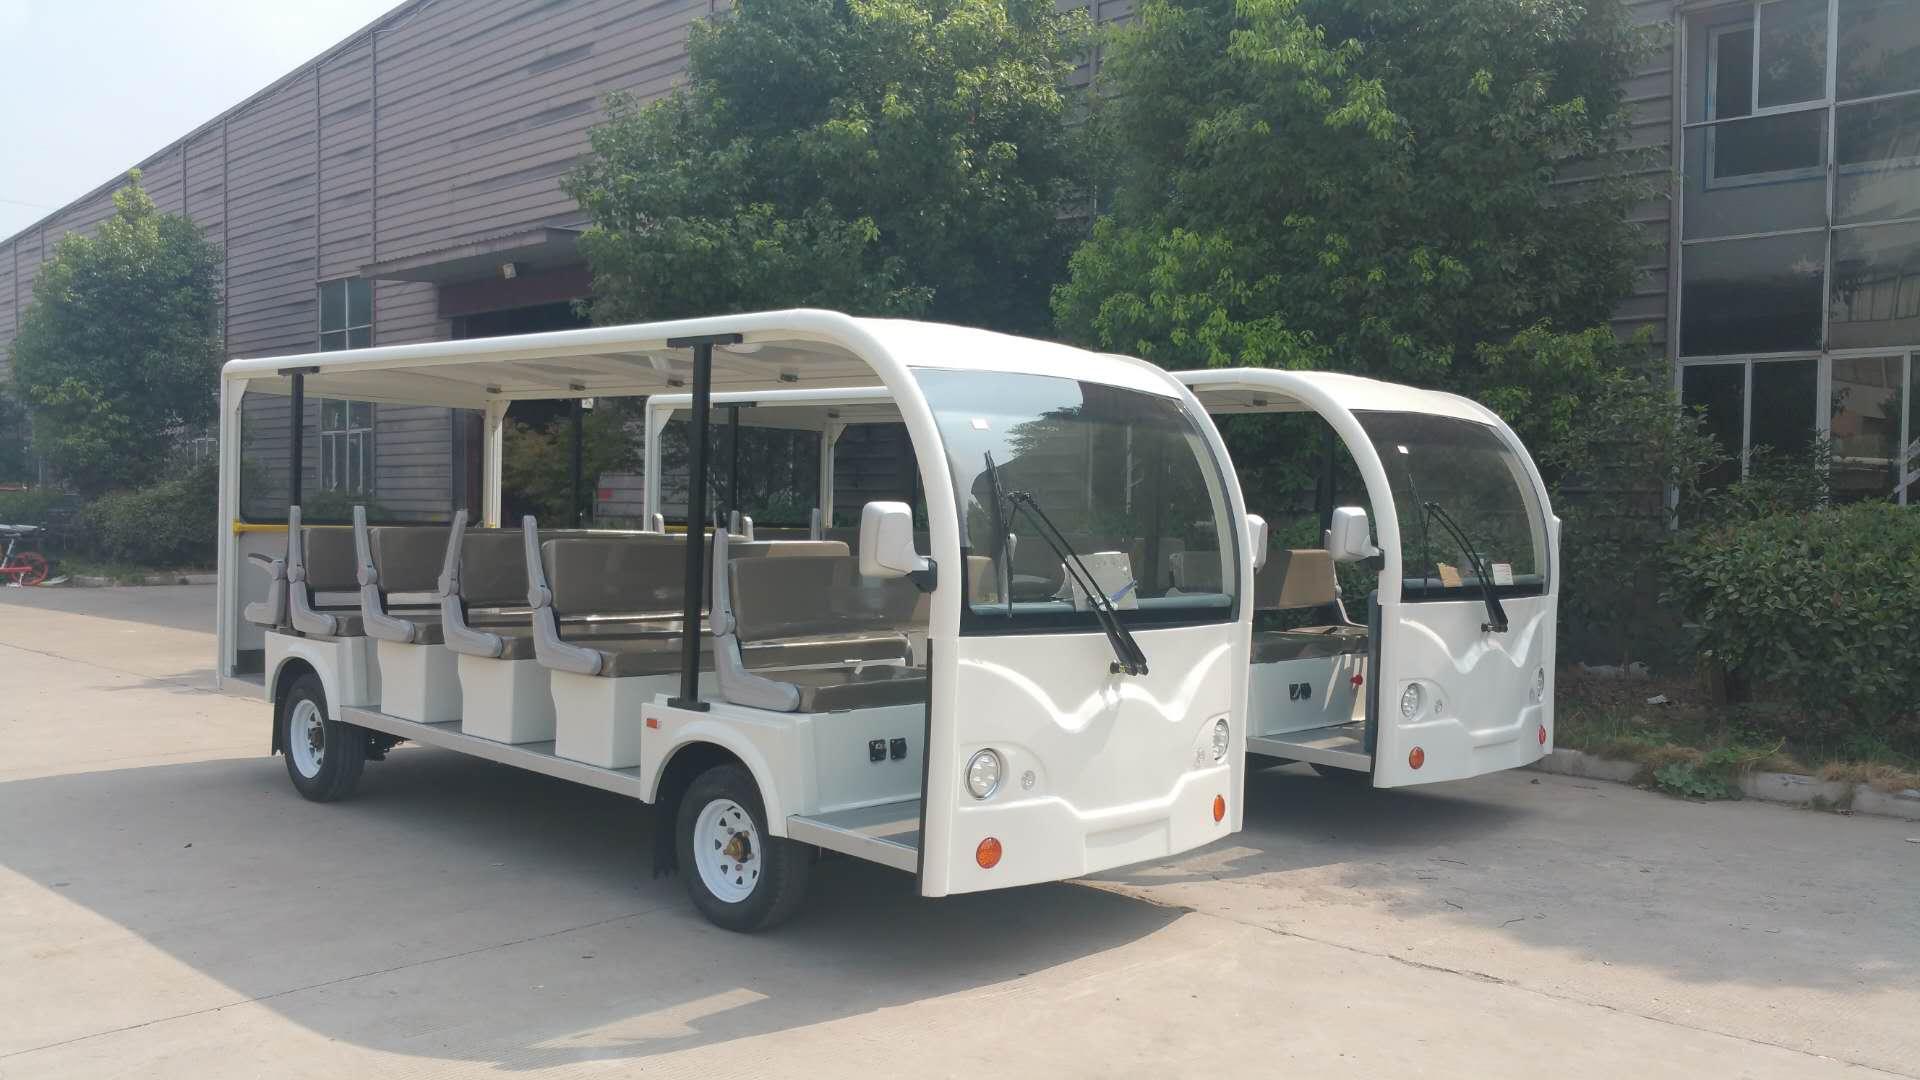 朗迈开放式电动观光车23座厦门观光电瓶车景区电瓶游览车价格职工电动公交车